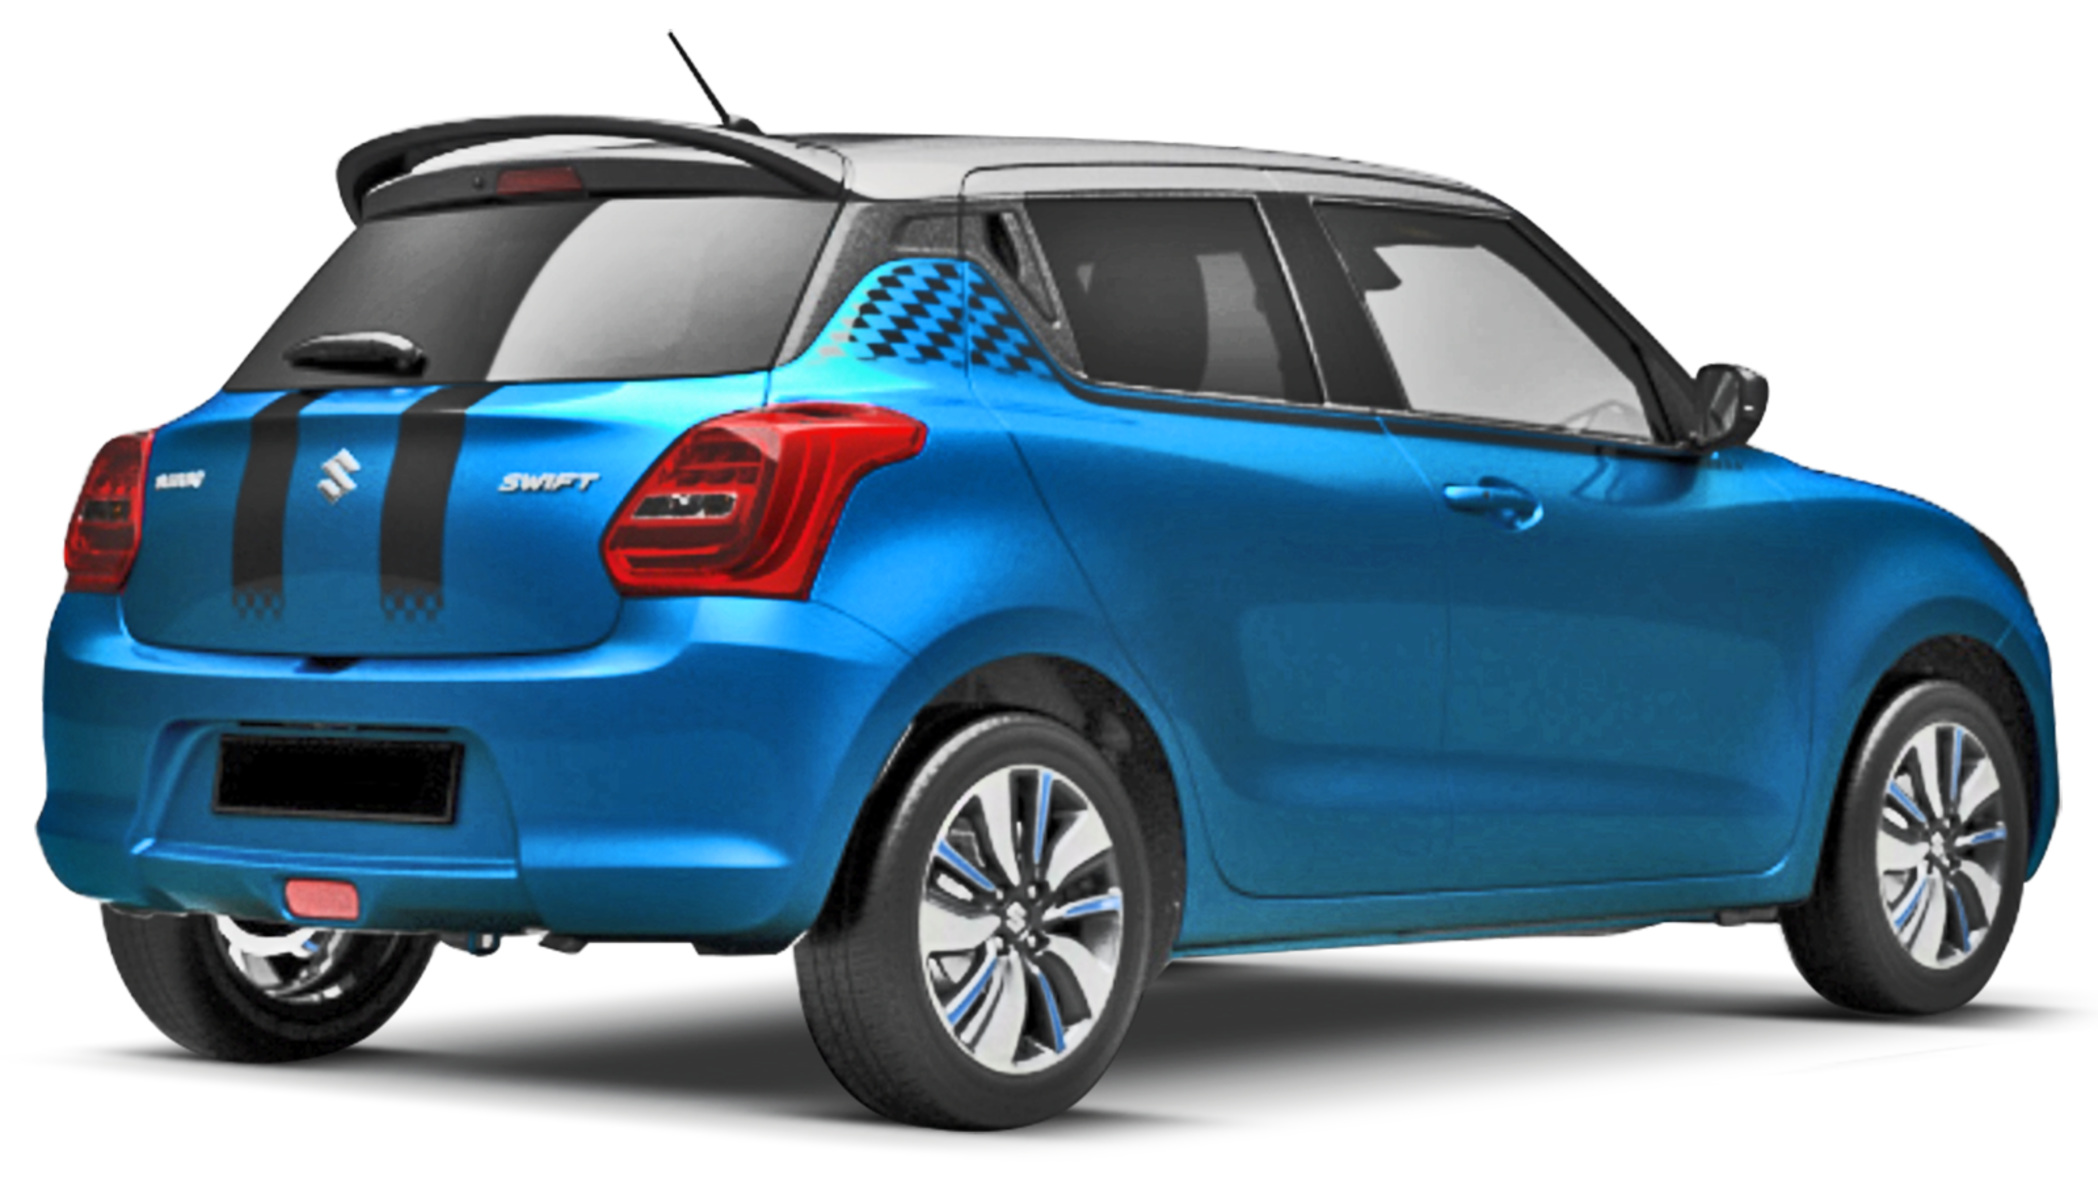 Listino Suzuki Swift prezzo - scheda tecnica - consumi ...